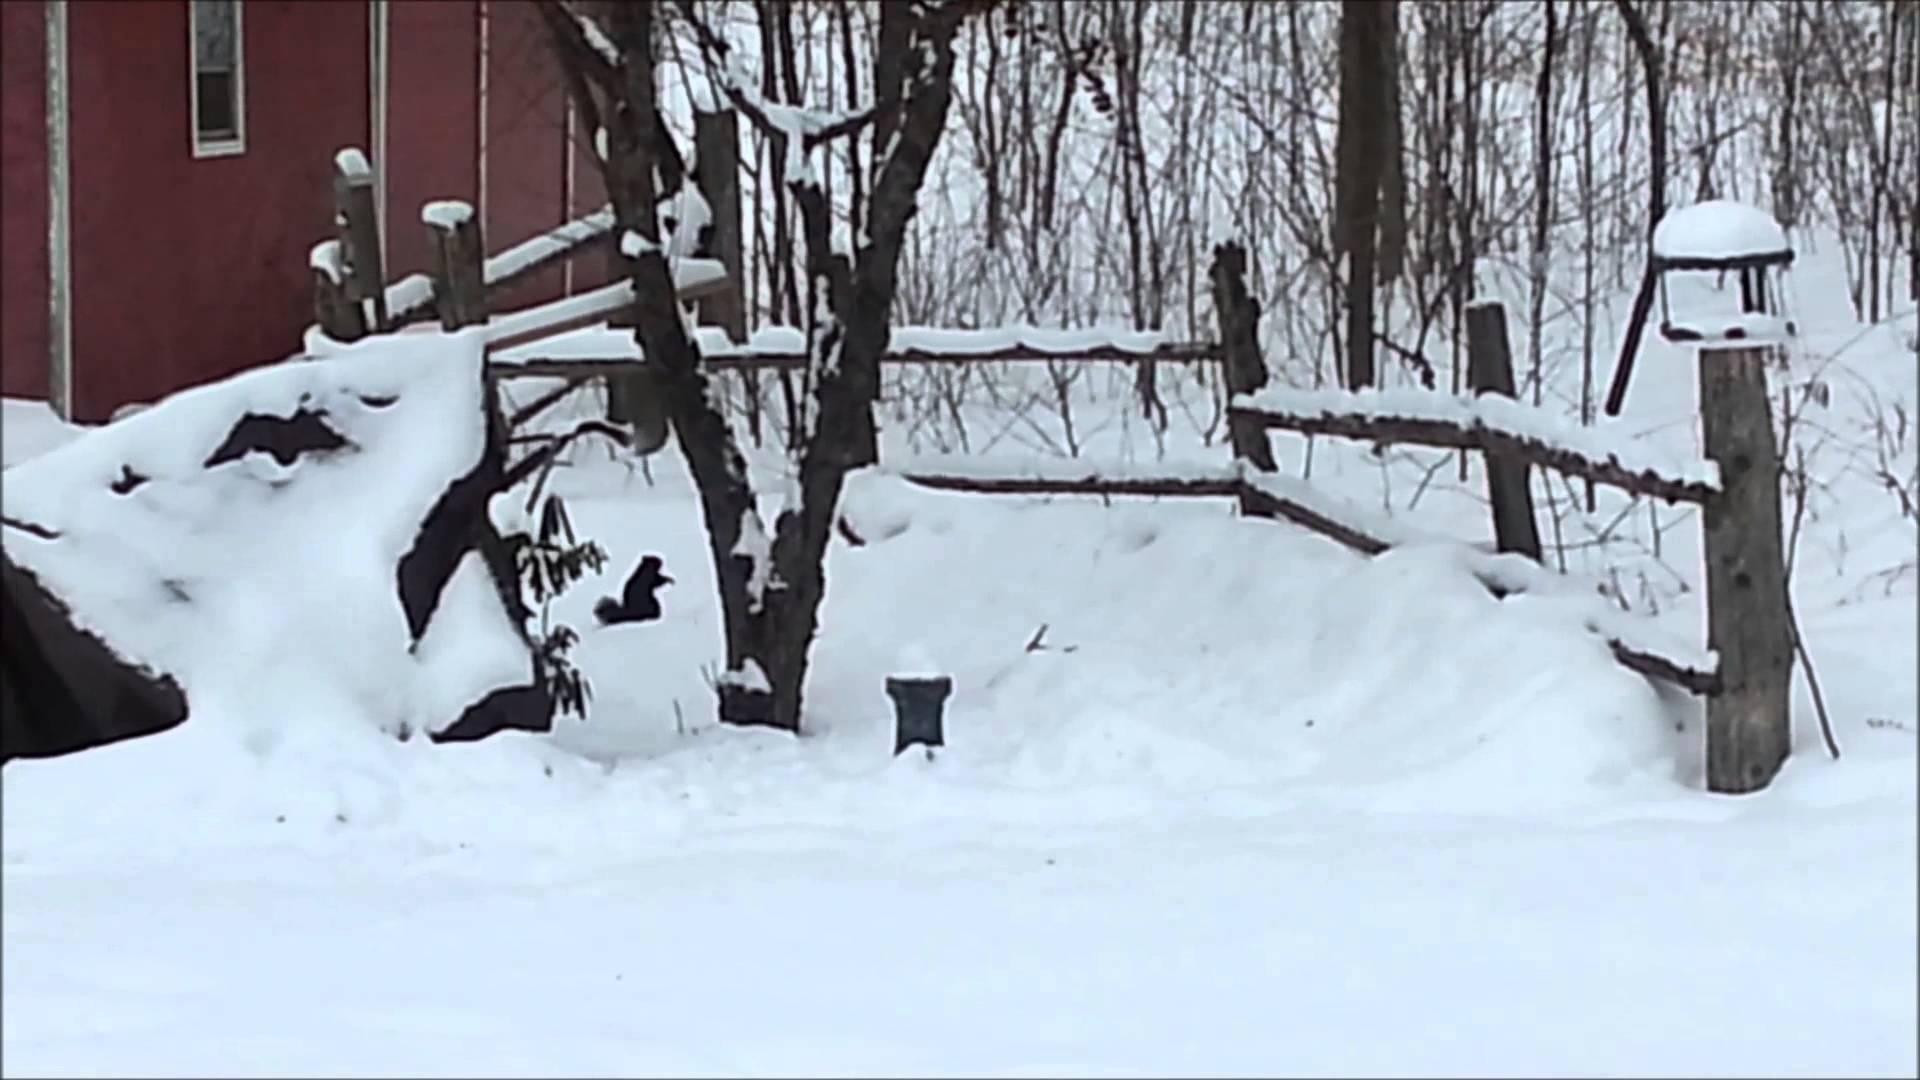 VIDEO: Eriti naljakas! Orav jäi purju käärinud õunte söömisest - vaata, kuidas ta lume sees hüpata üritab